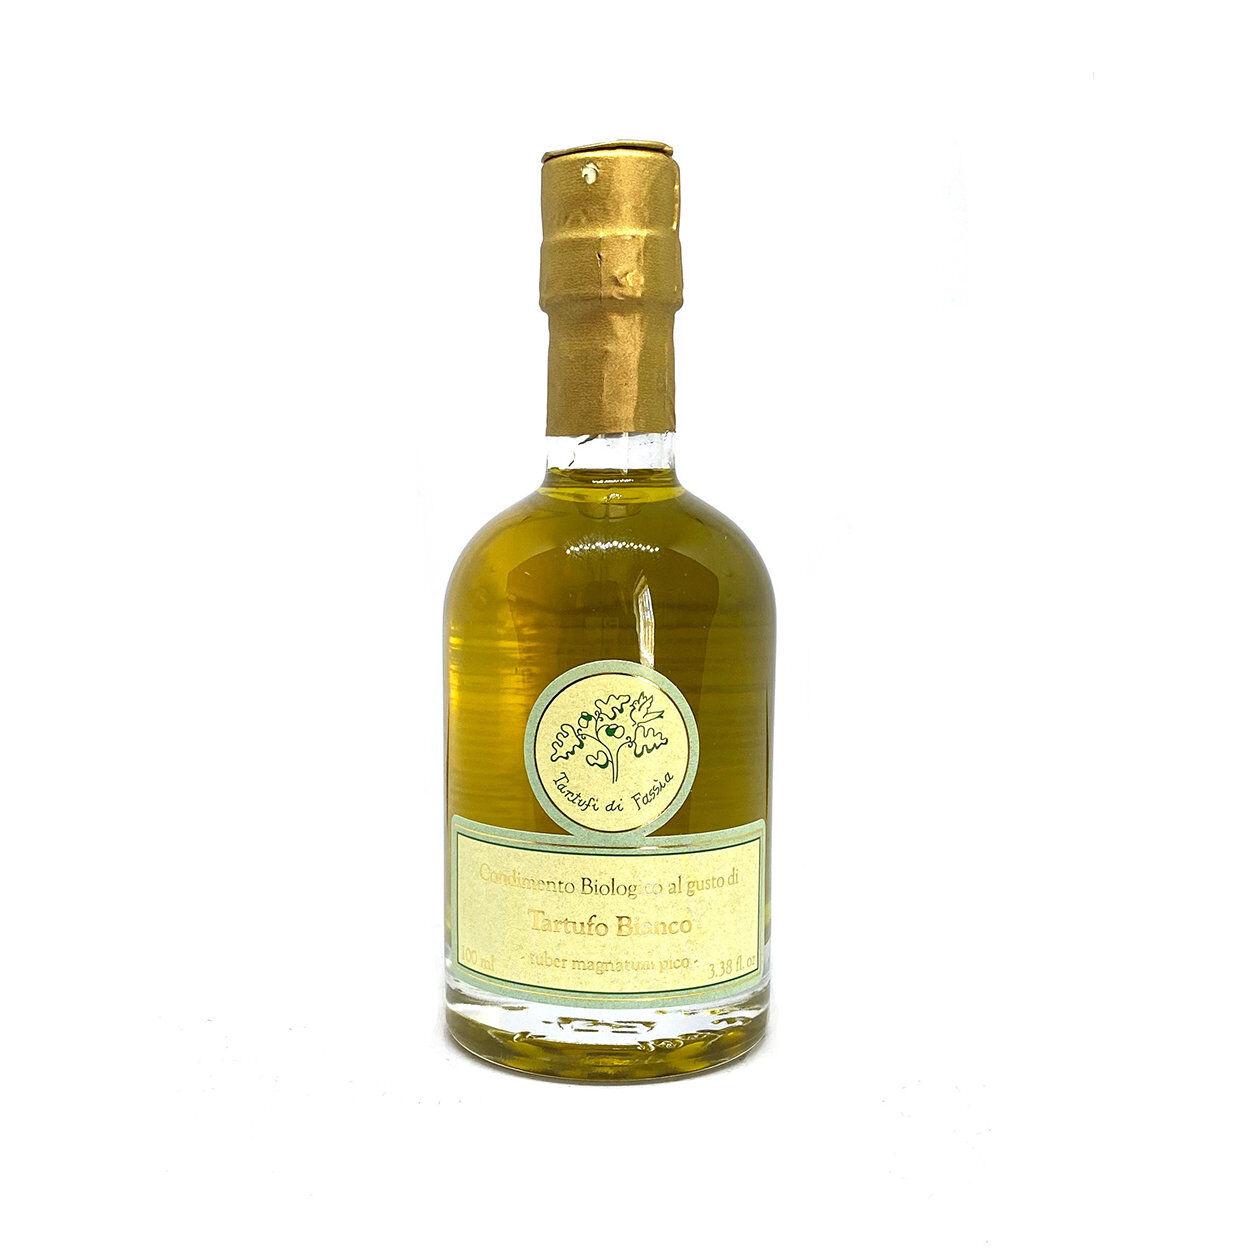 Tartufi di Fassia 1 bottiglia - Condimento BIO al Tartufo Bianco 100 ml